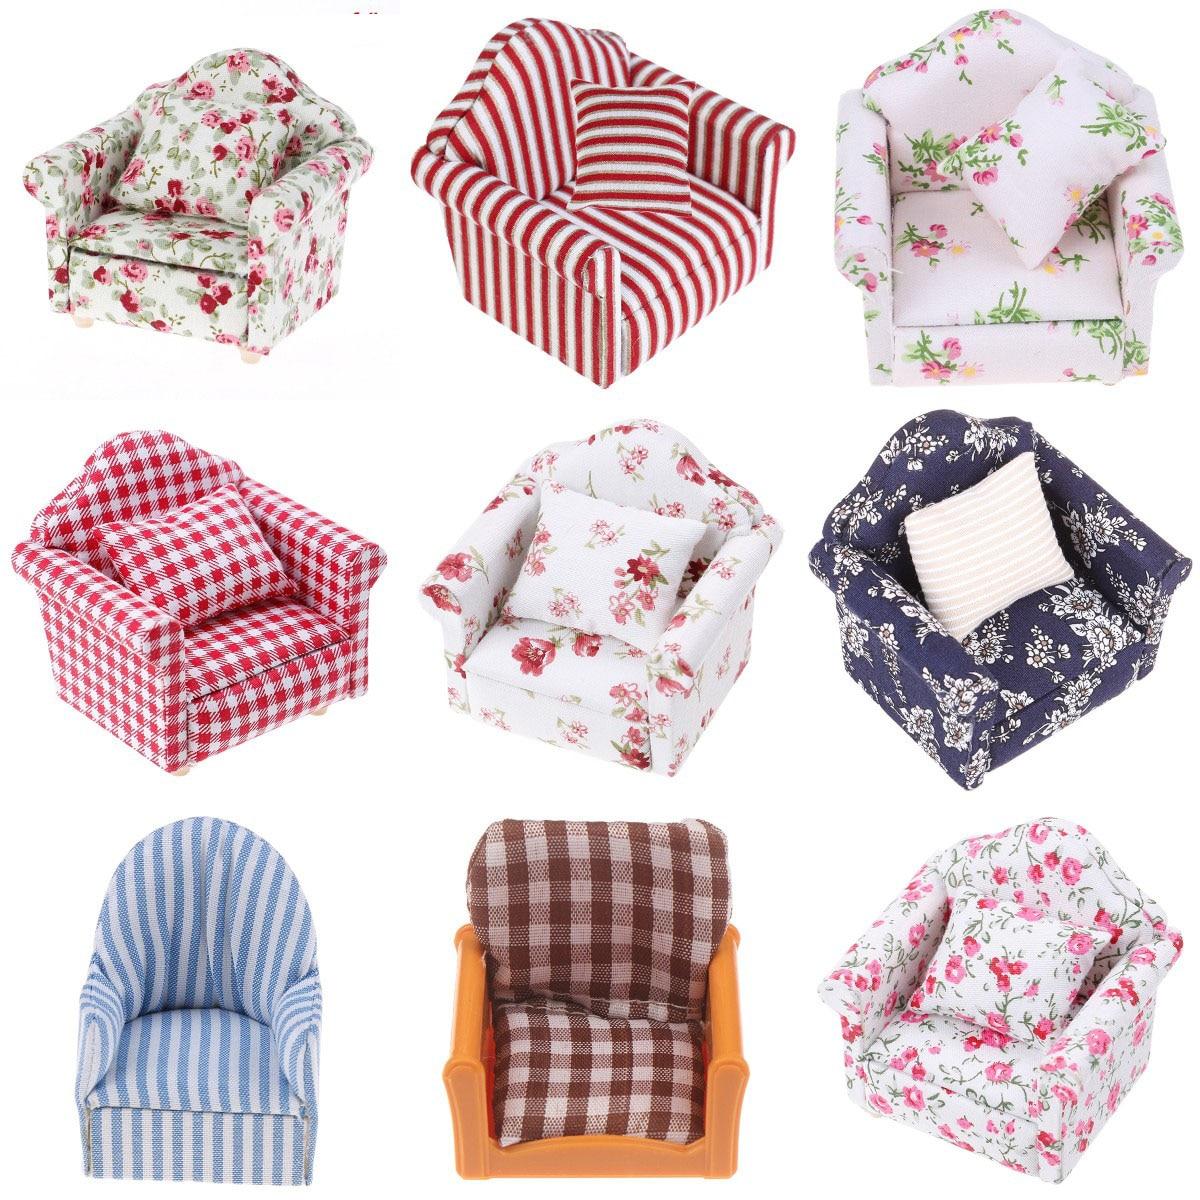 112 casa de muñecas en miniatura Mini sofá o almohadas bonitas para muñecas niños simulación casa de muñecas muebles Juguetes